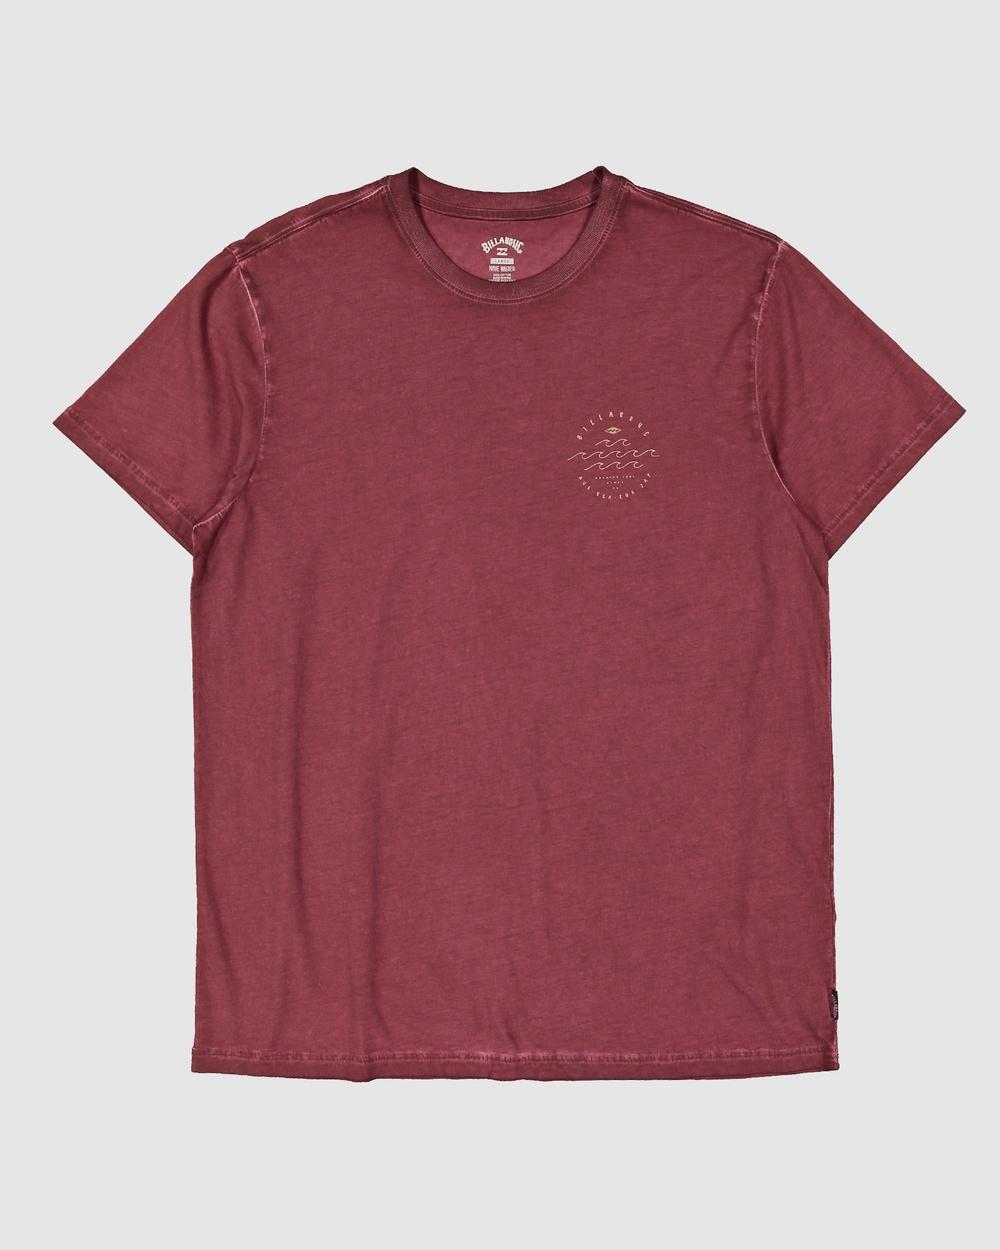 Billabong - Boys Big Wave Dave Short Sleeve Tee - T-Shirts & Singlets (OXBLOOD) Boys Big Wave Dave Short Sleeve Tee